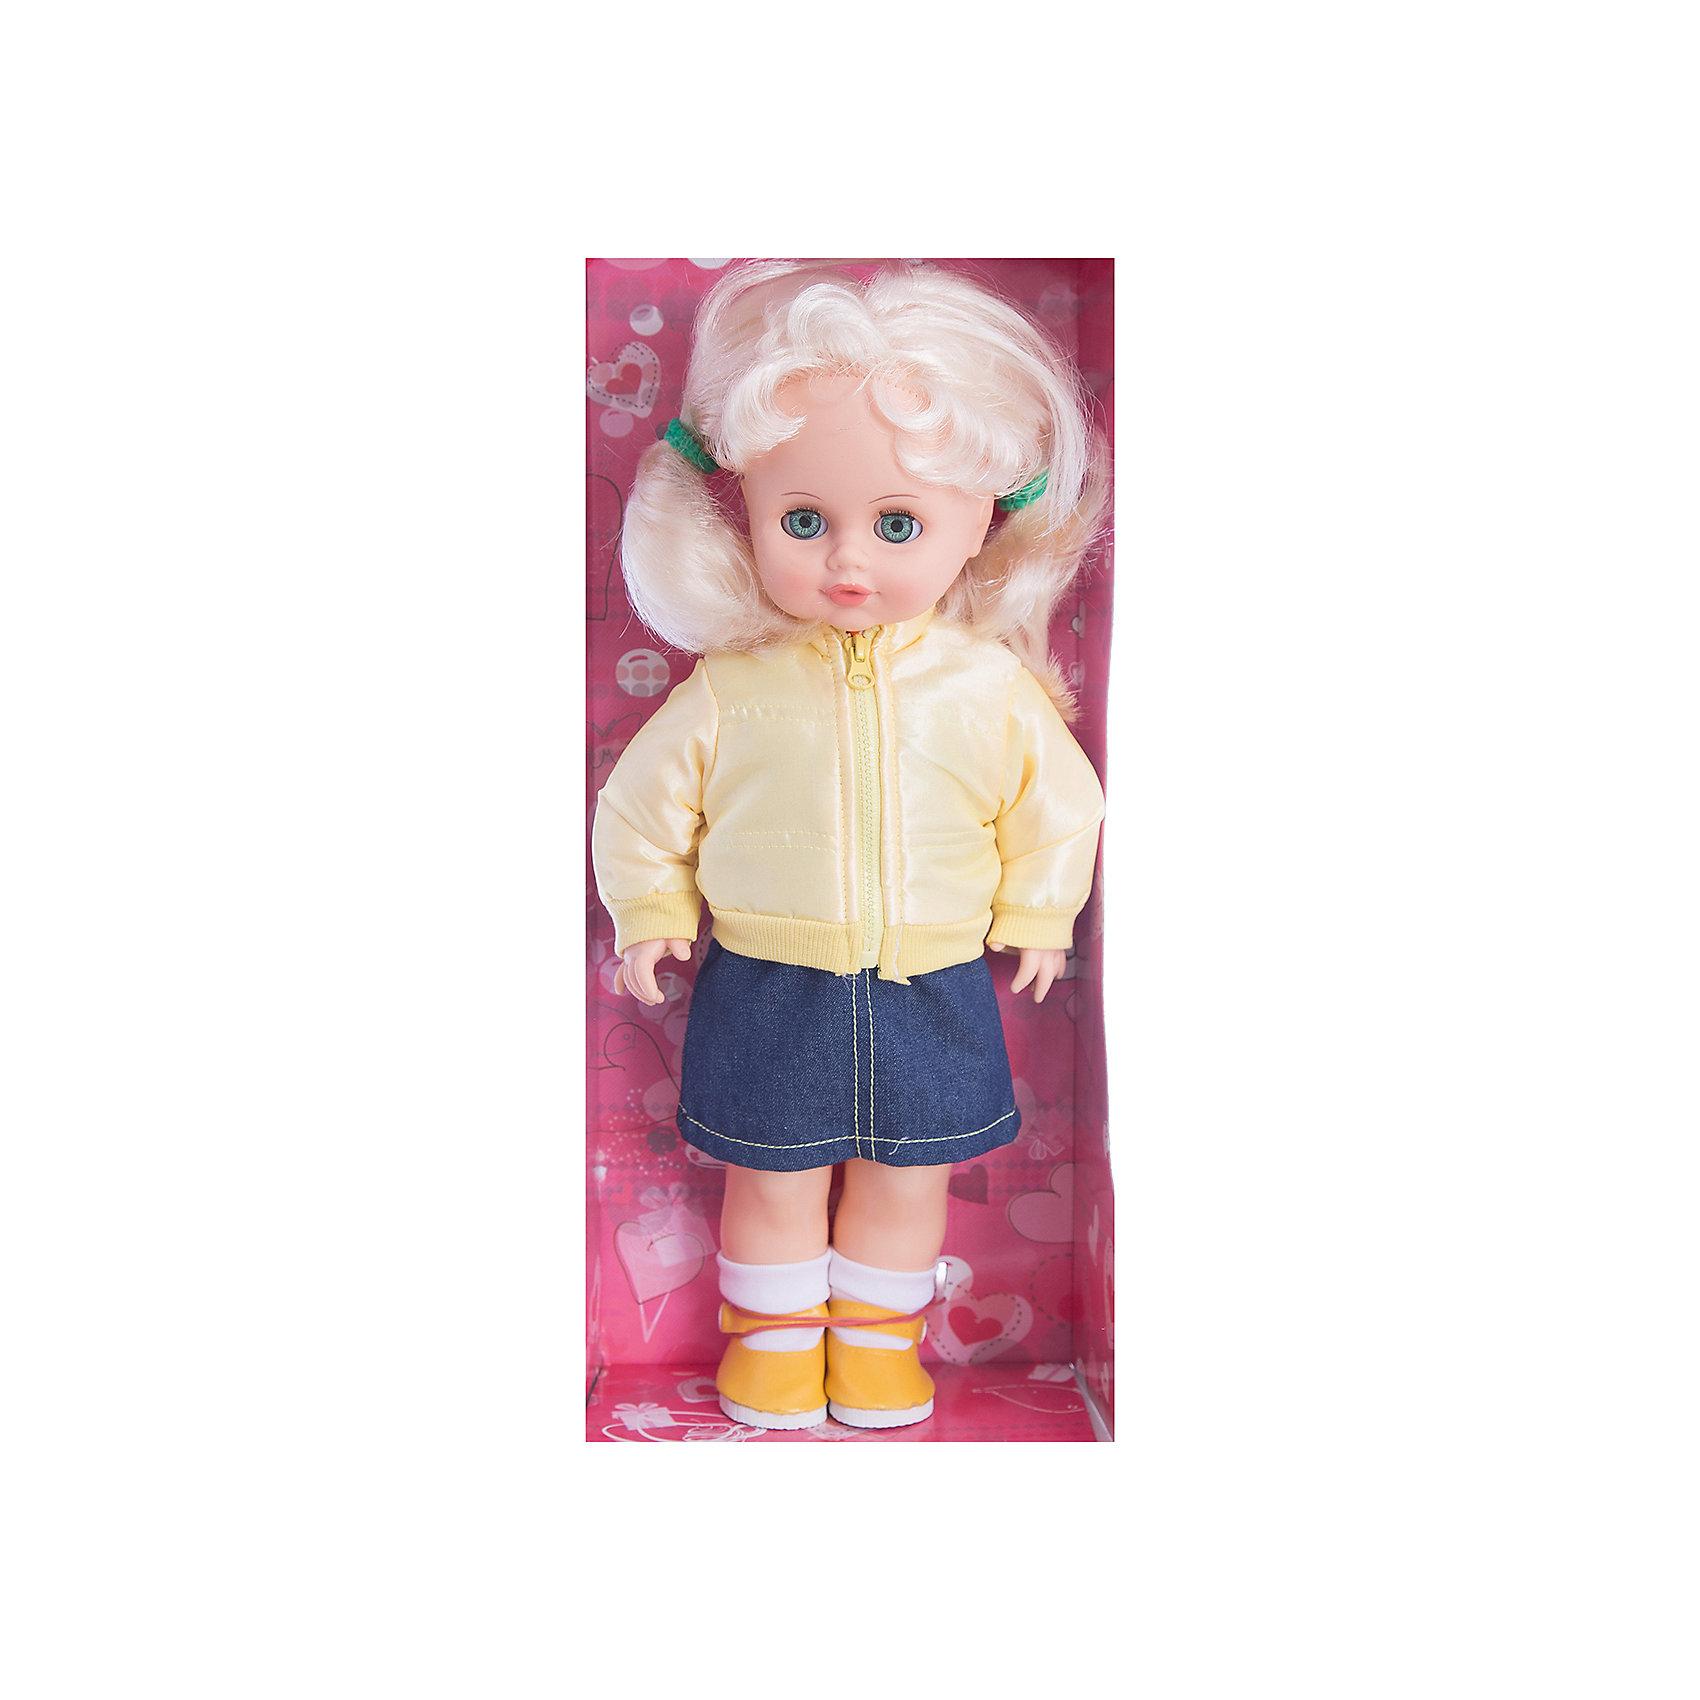 Кукла Инна 39, со звуком, 43 см, ВеснаМодно одетая красивая кукла от отечественного производителя способна не просто помочь ребенку весело проводить время, но и научить девочку одеваться со вкусом. На ней - модный костюм, всё можно снимать и надевать.<br>Кукла произносит несколько фраз, механизм работает от батареек. Очень красиво смотрятся пышные волосы, на которых можно делать прически. Сделана игрушка из качественных и безопасных для ребенка материалов. Такая кукла поможет ребенку освоить механизмы социальных взаимодействий, развить моторику и воображение. Также куклы помогают девочкам научиться заботиться о других.<br><br>Дополнительная информация:<br><br>- материал: пластмасса;<br>- волосы: прошивные;<br>- открывающиеся глаза;<br>- звуковой модуль;<br>- снимающаяся одежда и обувь;<br>- высота: 43 см.<br><br>Комплектация:<br><br>- одежда;<br>- три батарейки СЦ 357.<br><br>Куклу Инна 39, со звуком, от марки Весна можно купить в нашем магазине.<br><br>Ширина мм: 210<br>Глубина мм: 130<br>Высота мм: 430<br>Вес г: 550<br>Возраст от месяцев: 36<br>Возраст до месяцев: 1188<br>Пол: Женский<br>Возраст: Детский<br>SKU: 4701860